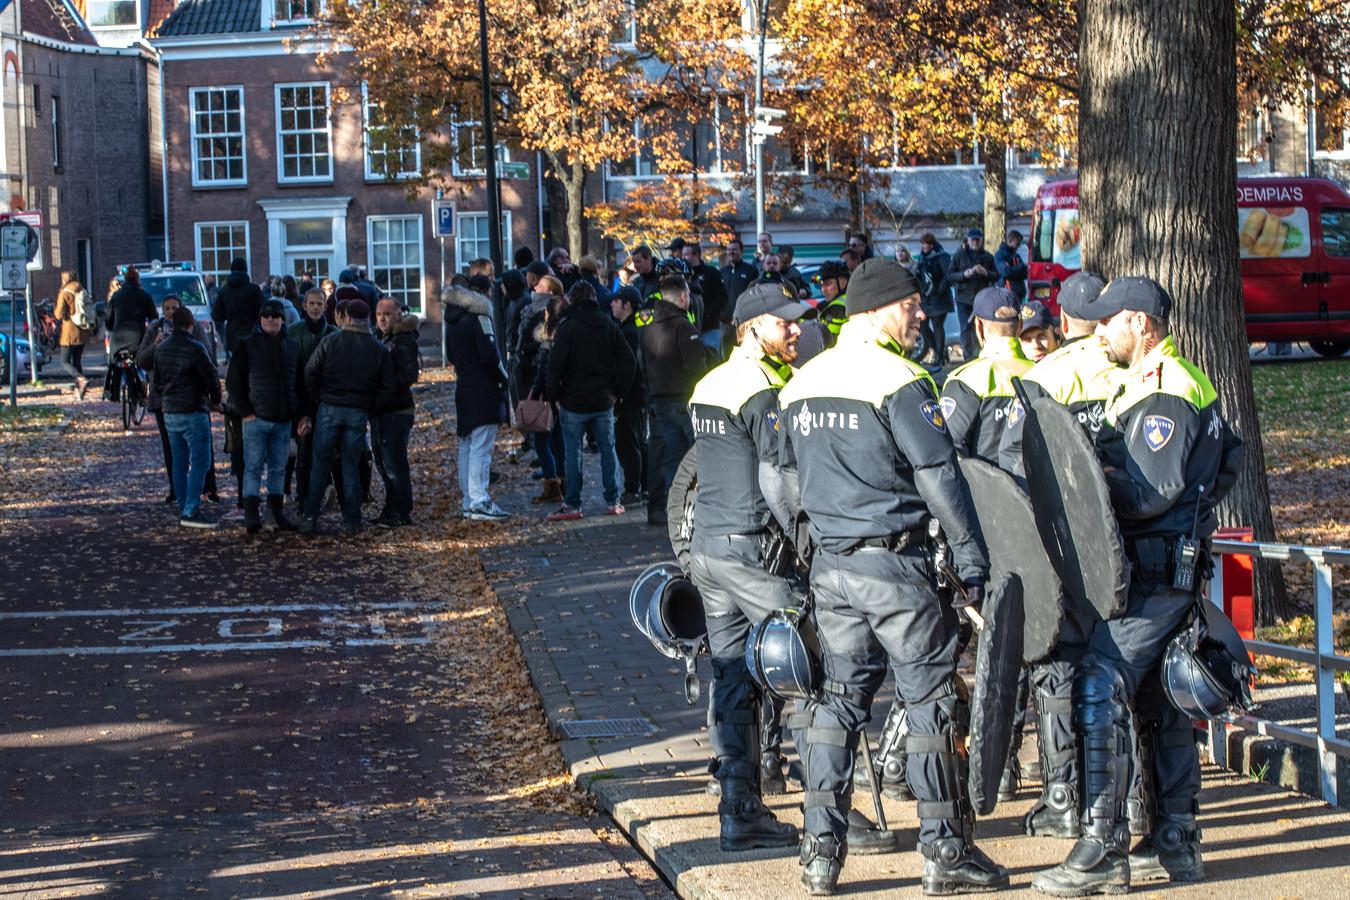 Al voor de intocht van Sinterklaas is er massaal ME op de been om voor en tegenstanders van Zwarte Piet uit elkaar te houden bij het Kerkbrugje in Zwolle.